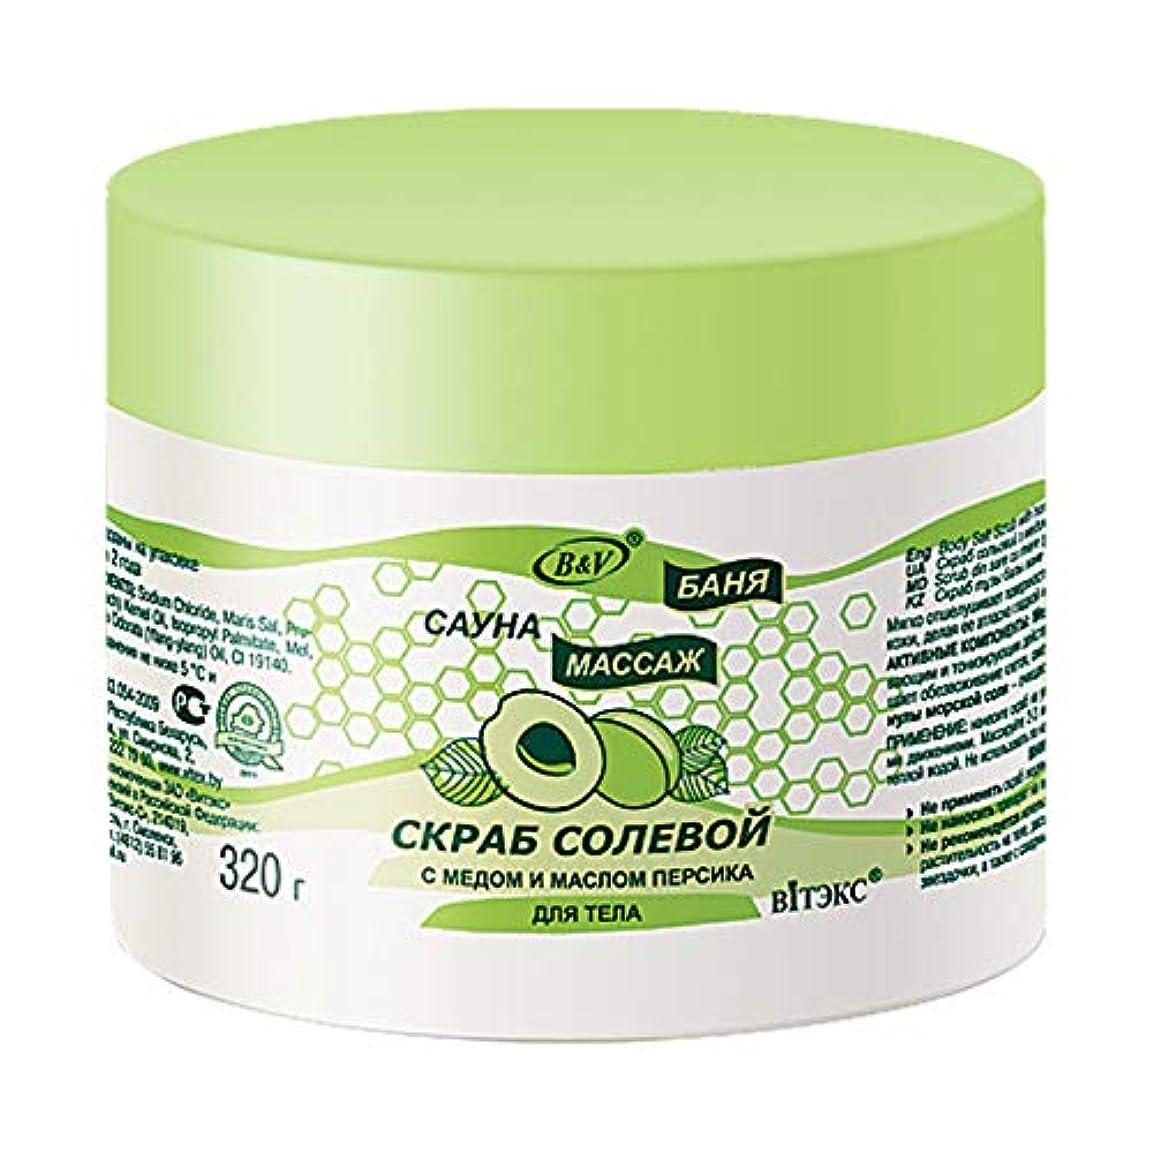 発見間に合わせキルスBielita & Vitex | Bath Sauna Massage | Body Salt Scrub | Honey | Peach Oil | Sea Oil Granules | Vitamins | 320 ml